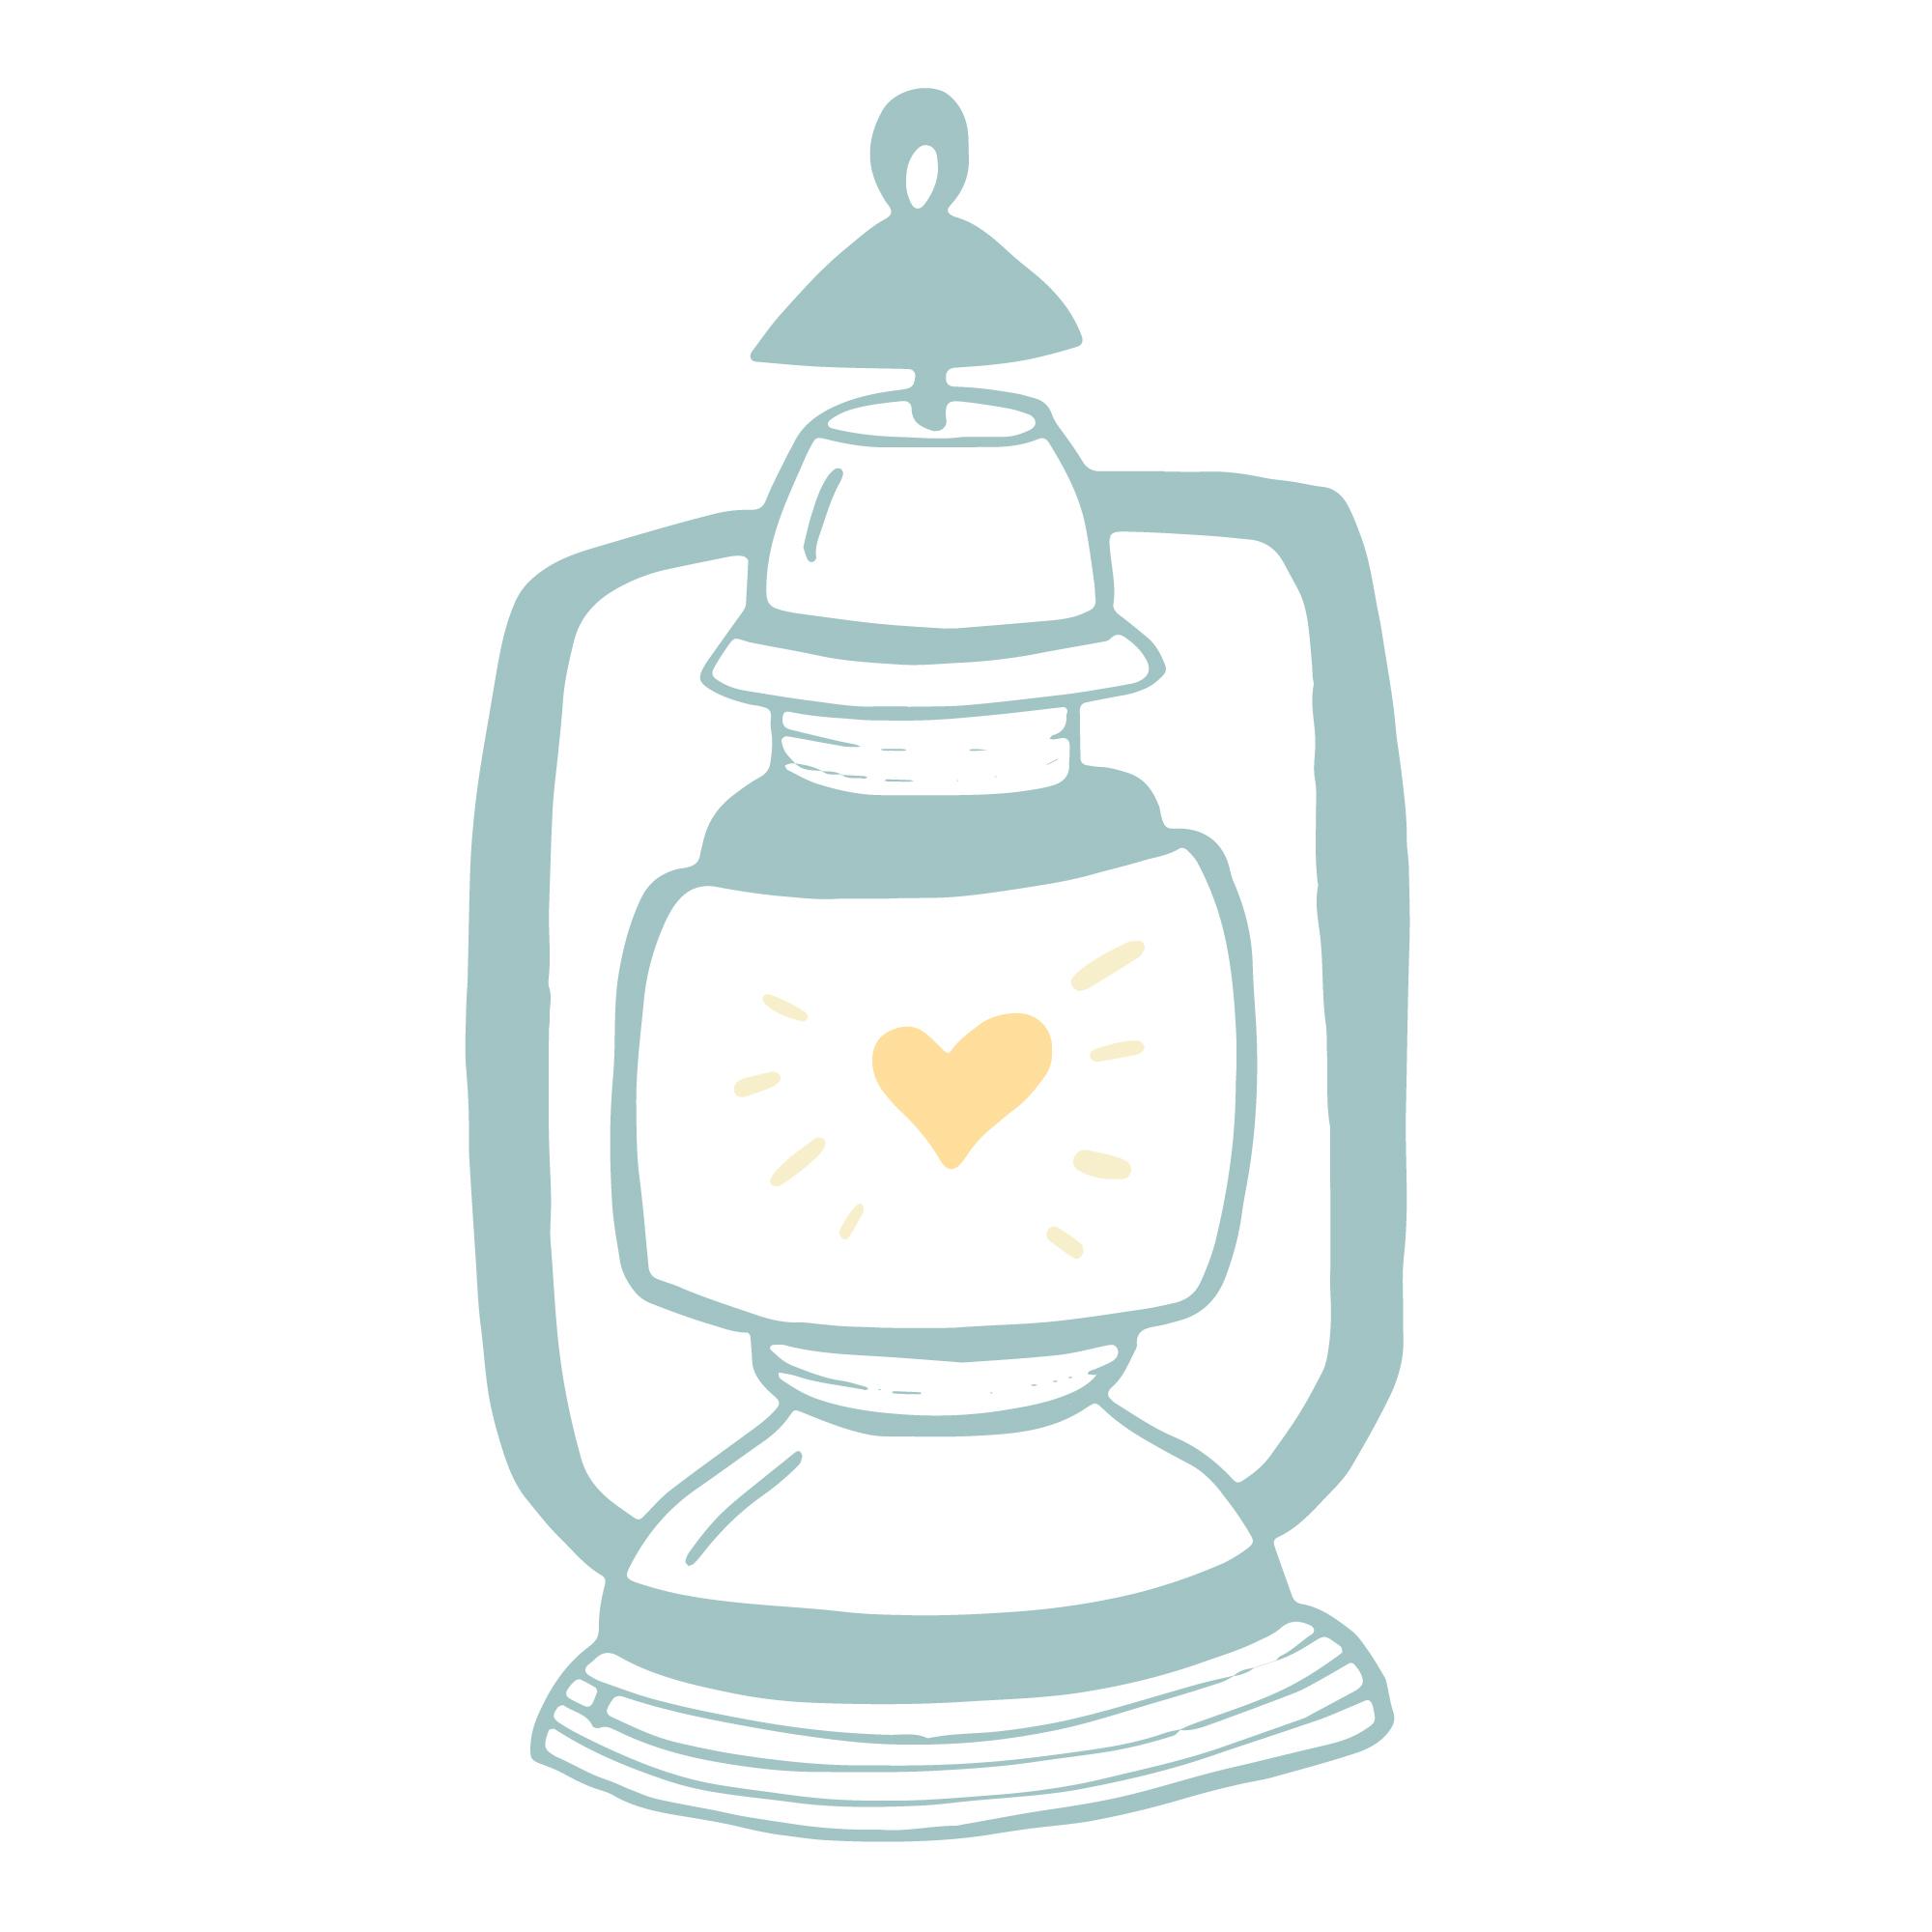 Lantern-Image.jpg